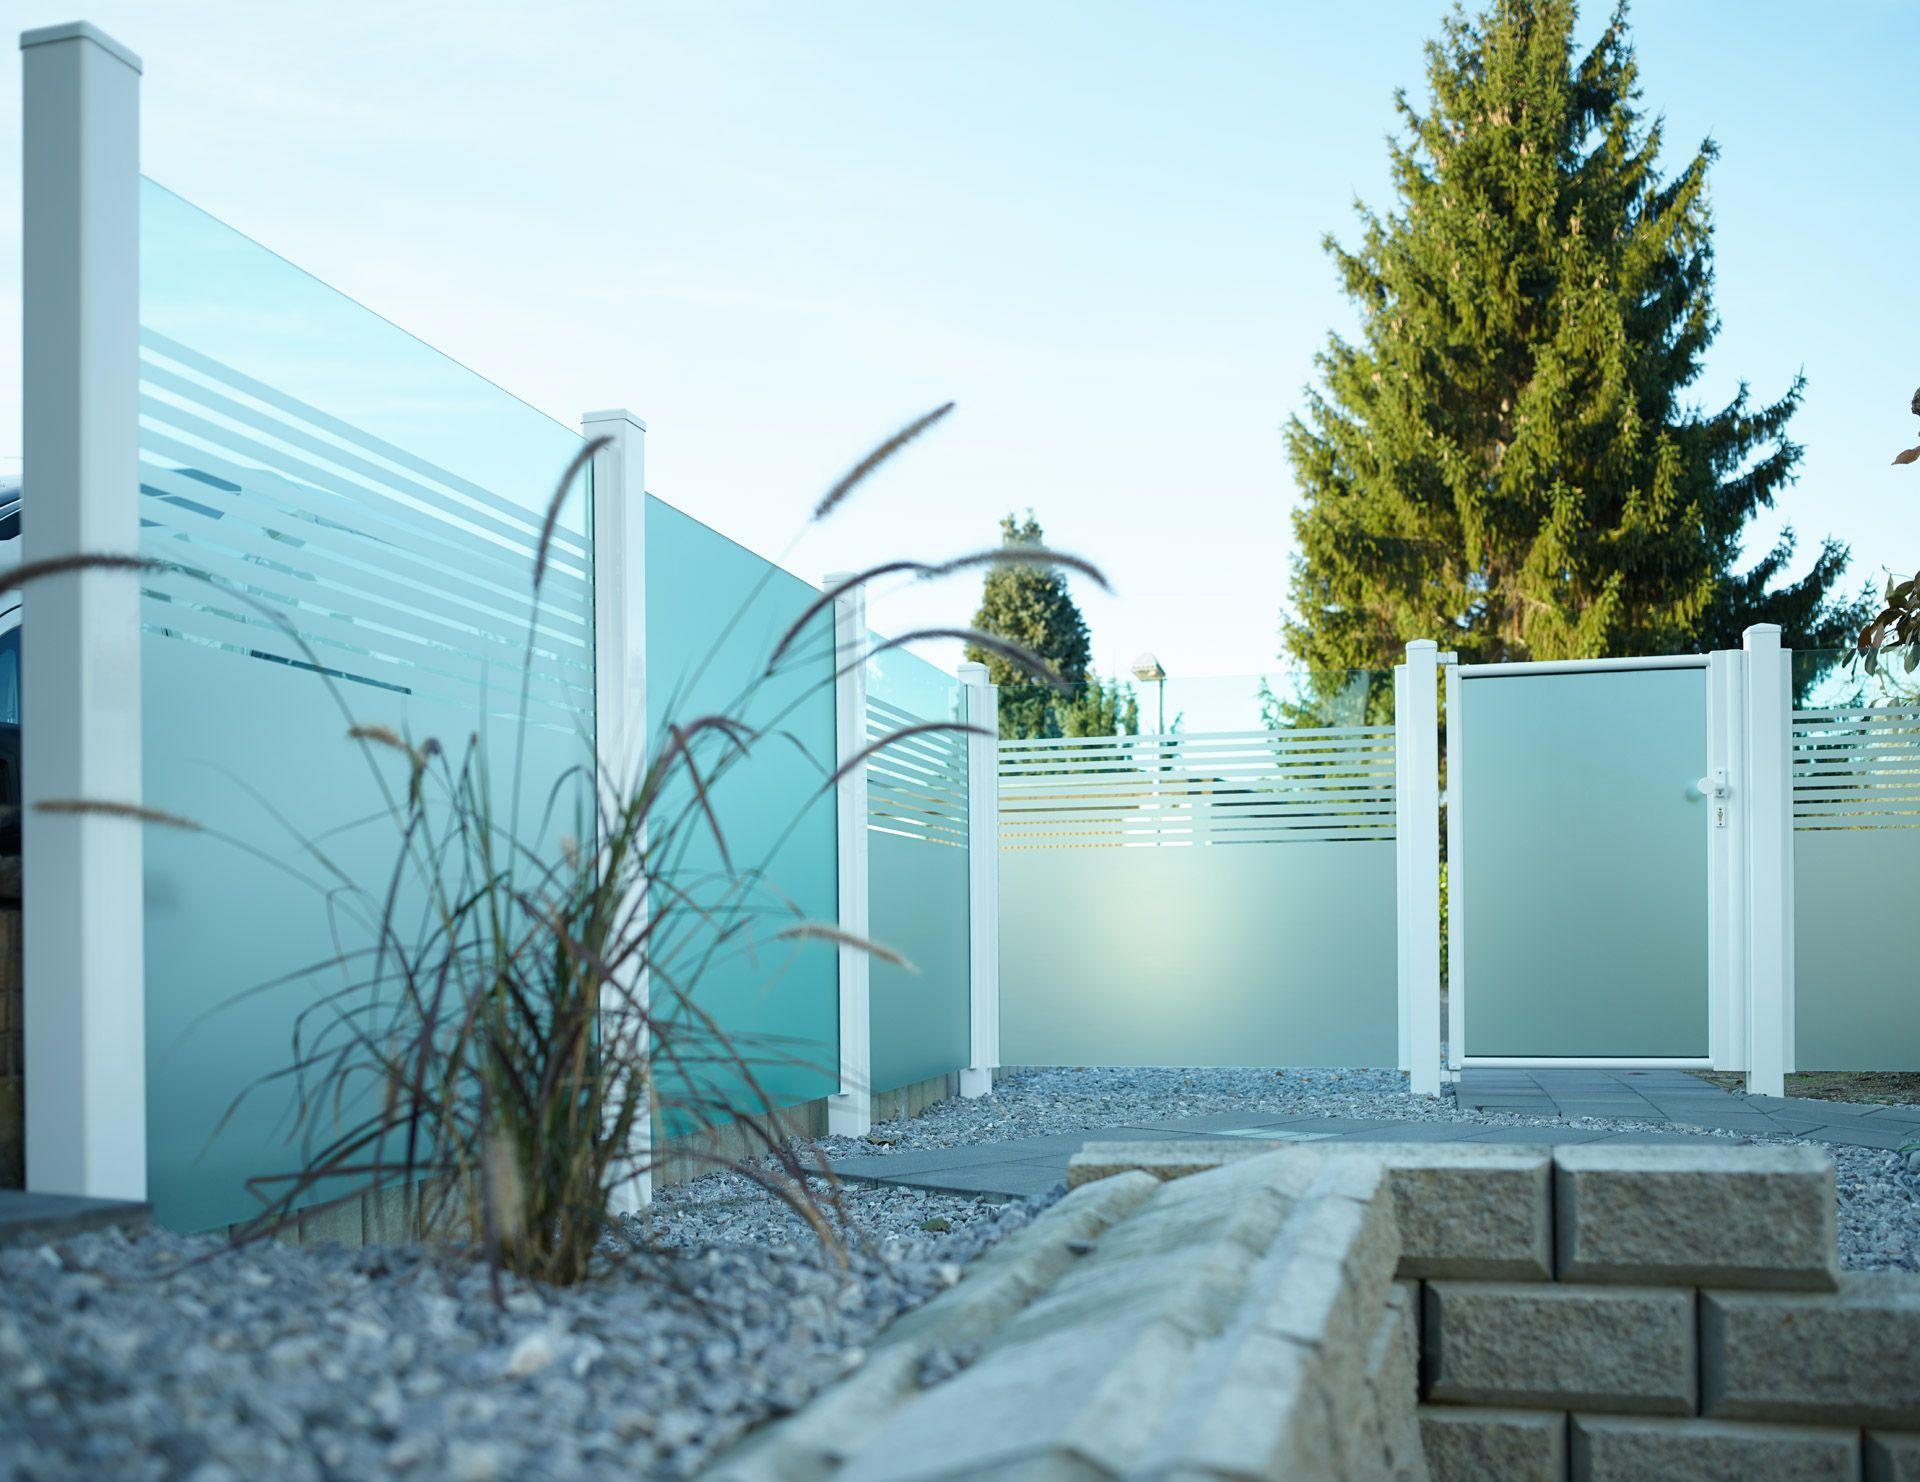 Glas Im Garten Ermöglicht Das Abgrenzen Lichtdurchfluteter Räume Die  Trotzdem Einen